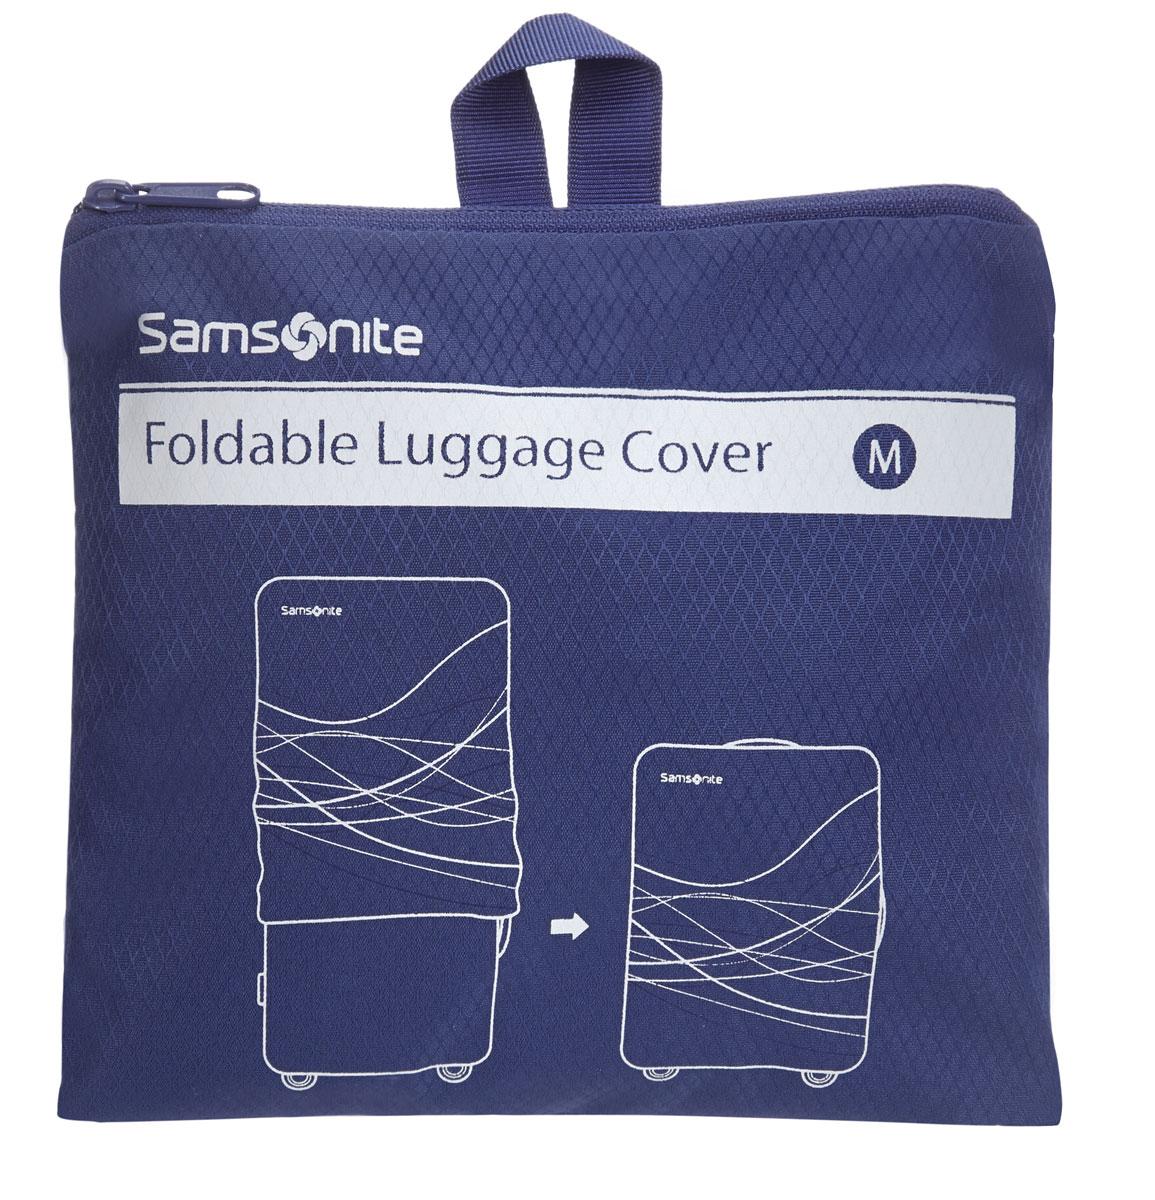 Чехол для чемодана Samsonite, цвет: синий, 65-75 см. Размер M/L.U23*11211U23*11211Созданы для того,чтобы облегчить идентификацию и обеспечить безопасность багажа